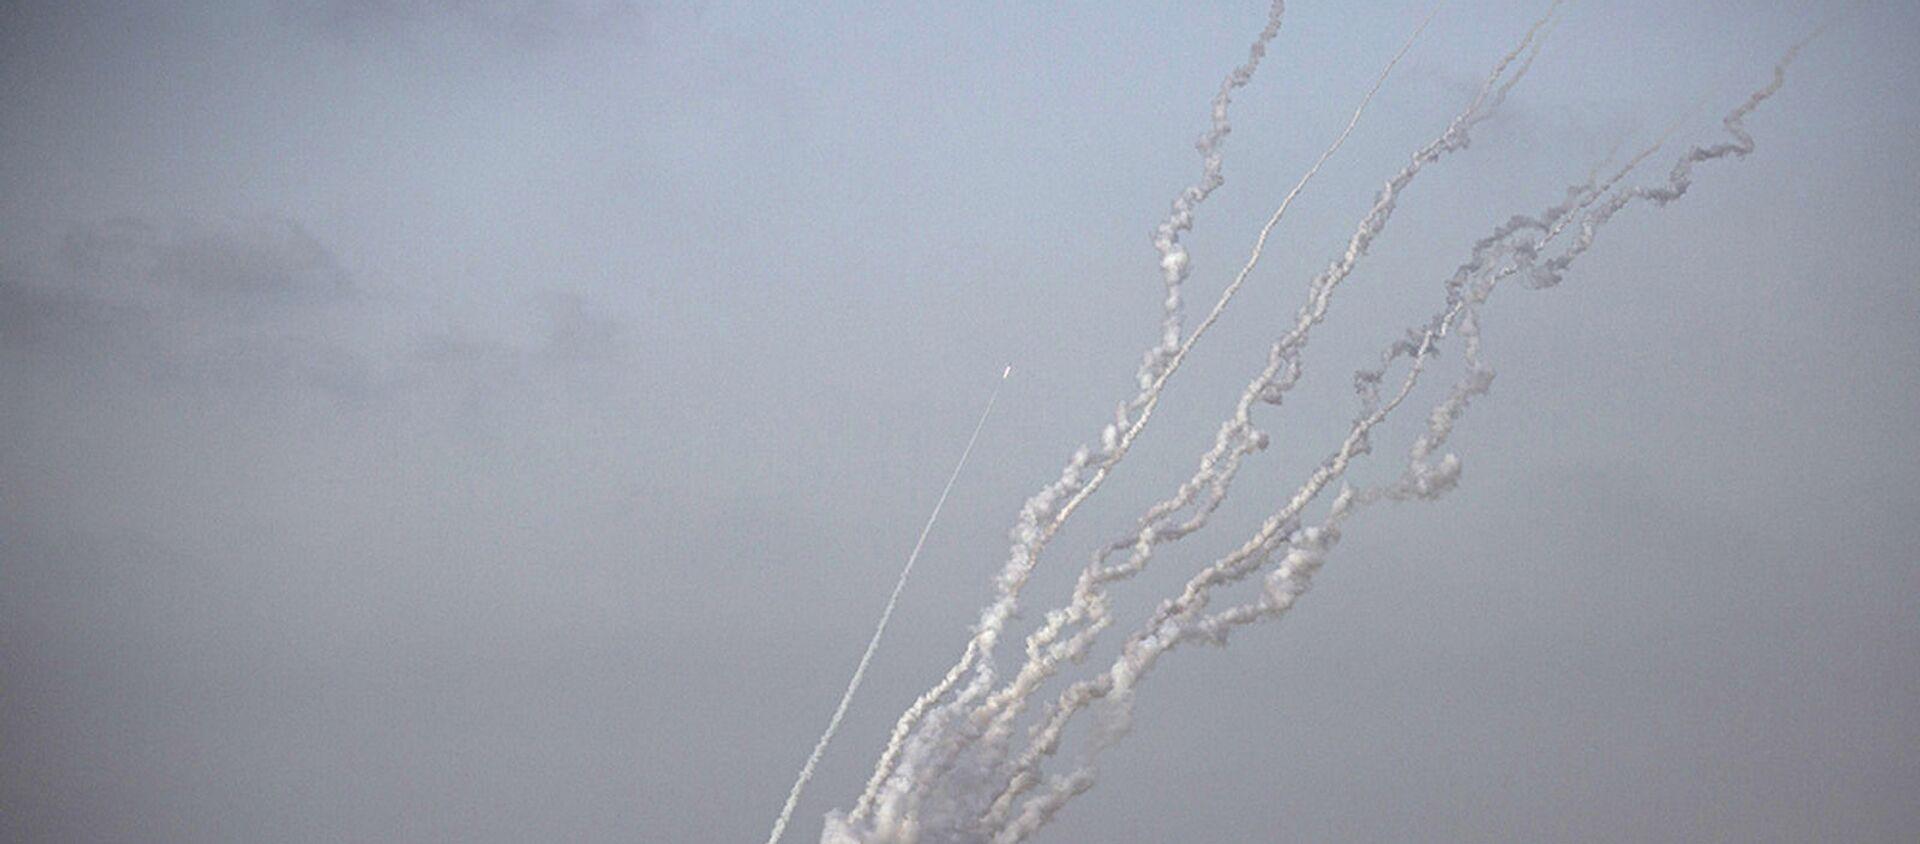 Hamas'tan roket saldırısı - Sputnik Türkiye, 1920, 12.05.2021